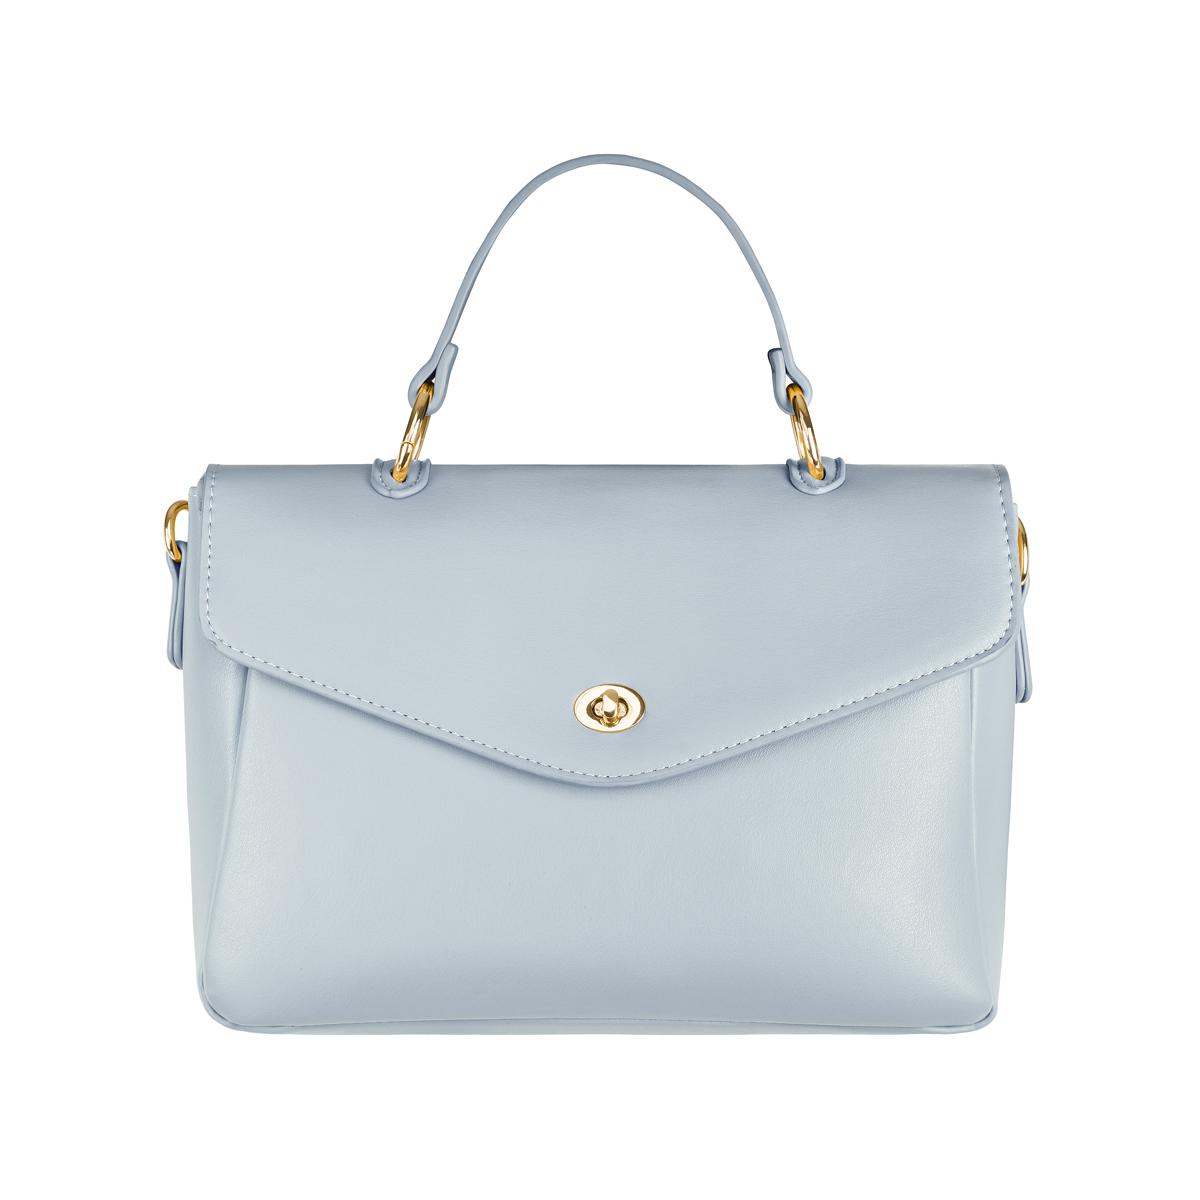 Pu kunstledertasche mit griff und schultergurt und metalldetails